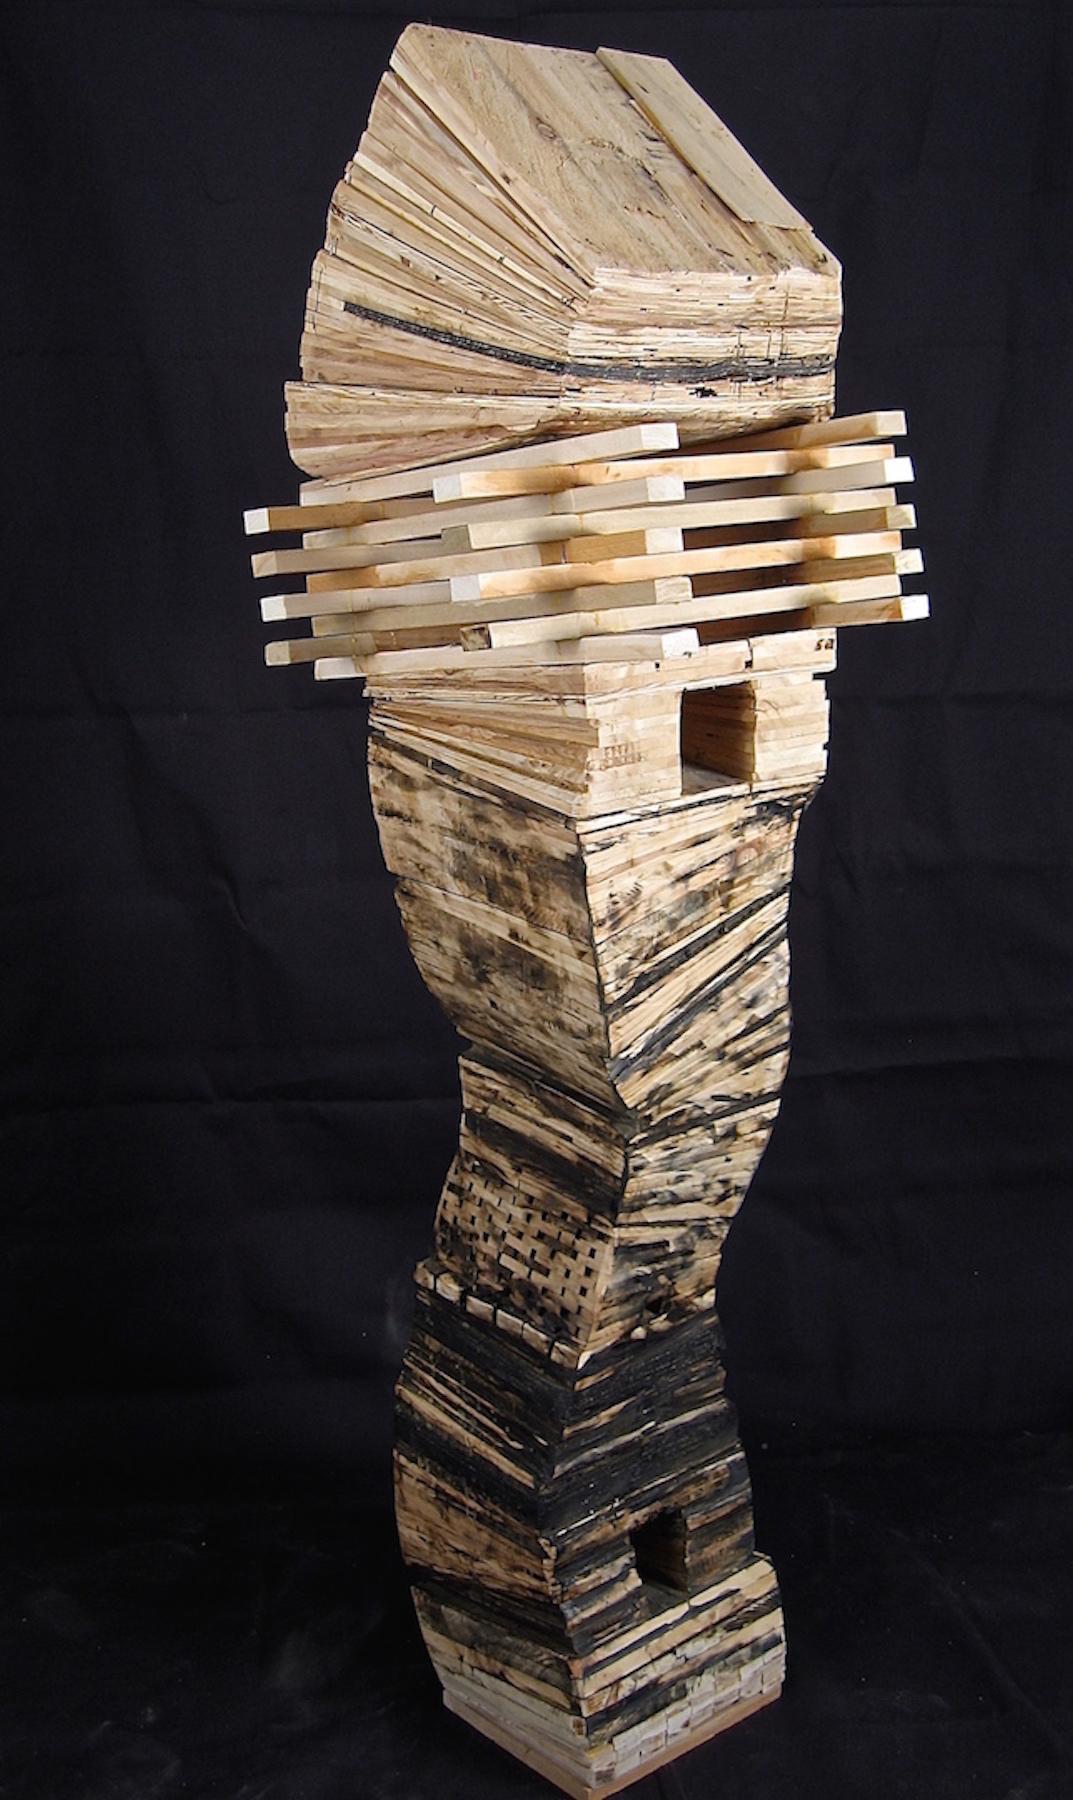 Leslie Zelamsky, Resurrection, wood and asphalt shingles, 65x19x19, $3,700